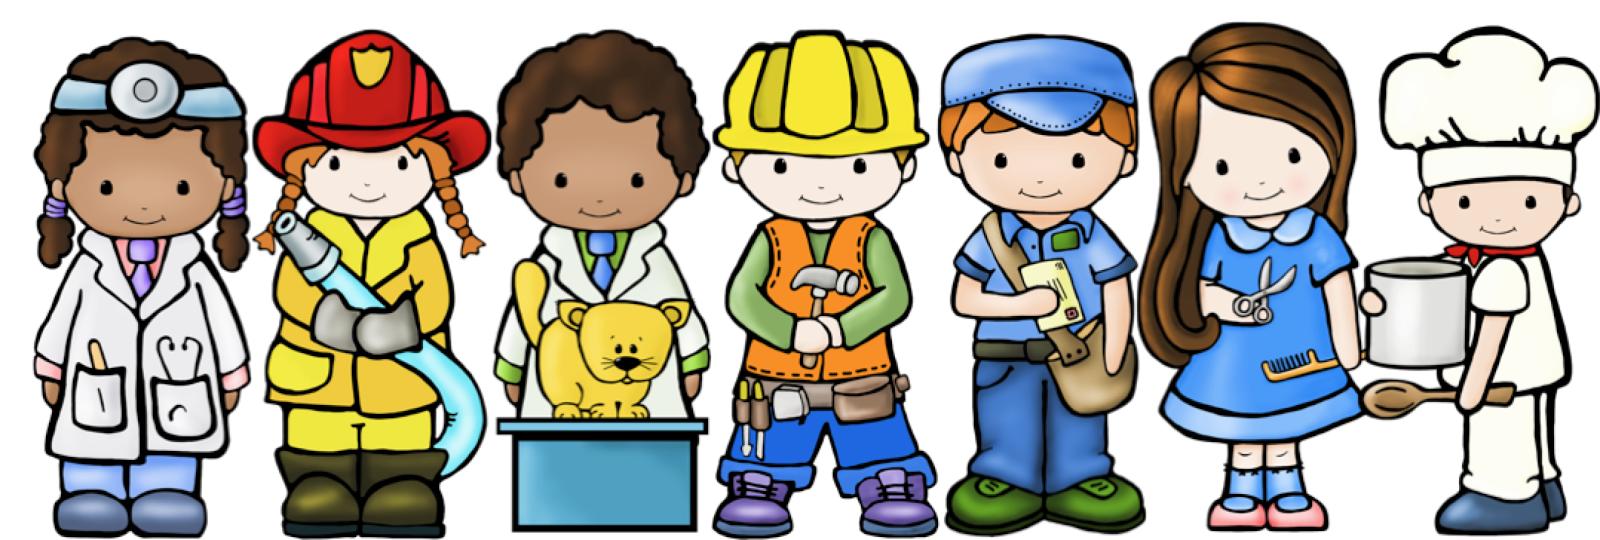 Community Helper Clip Art & Look At Clip Art Images - ClipartLook